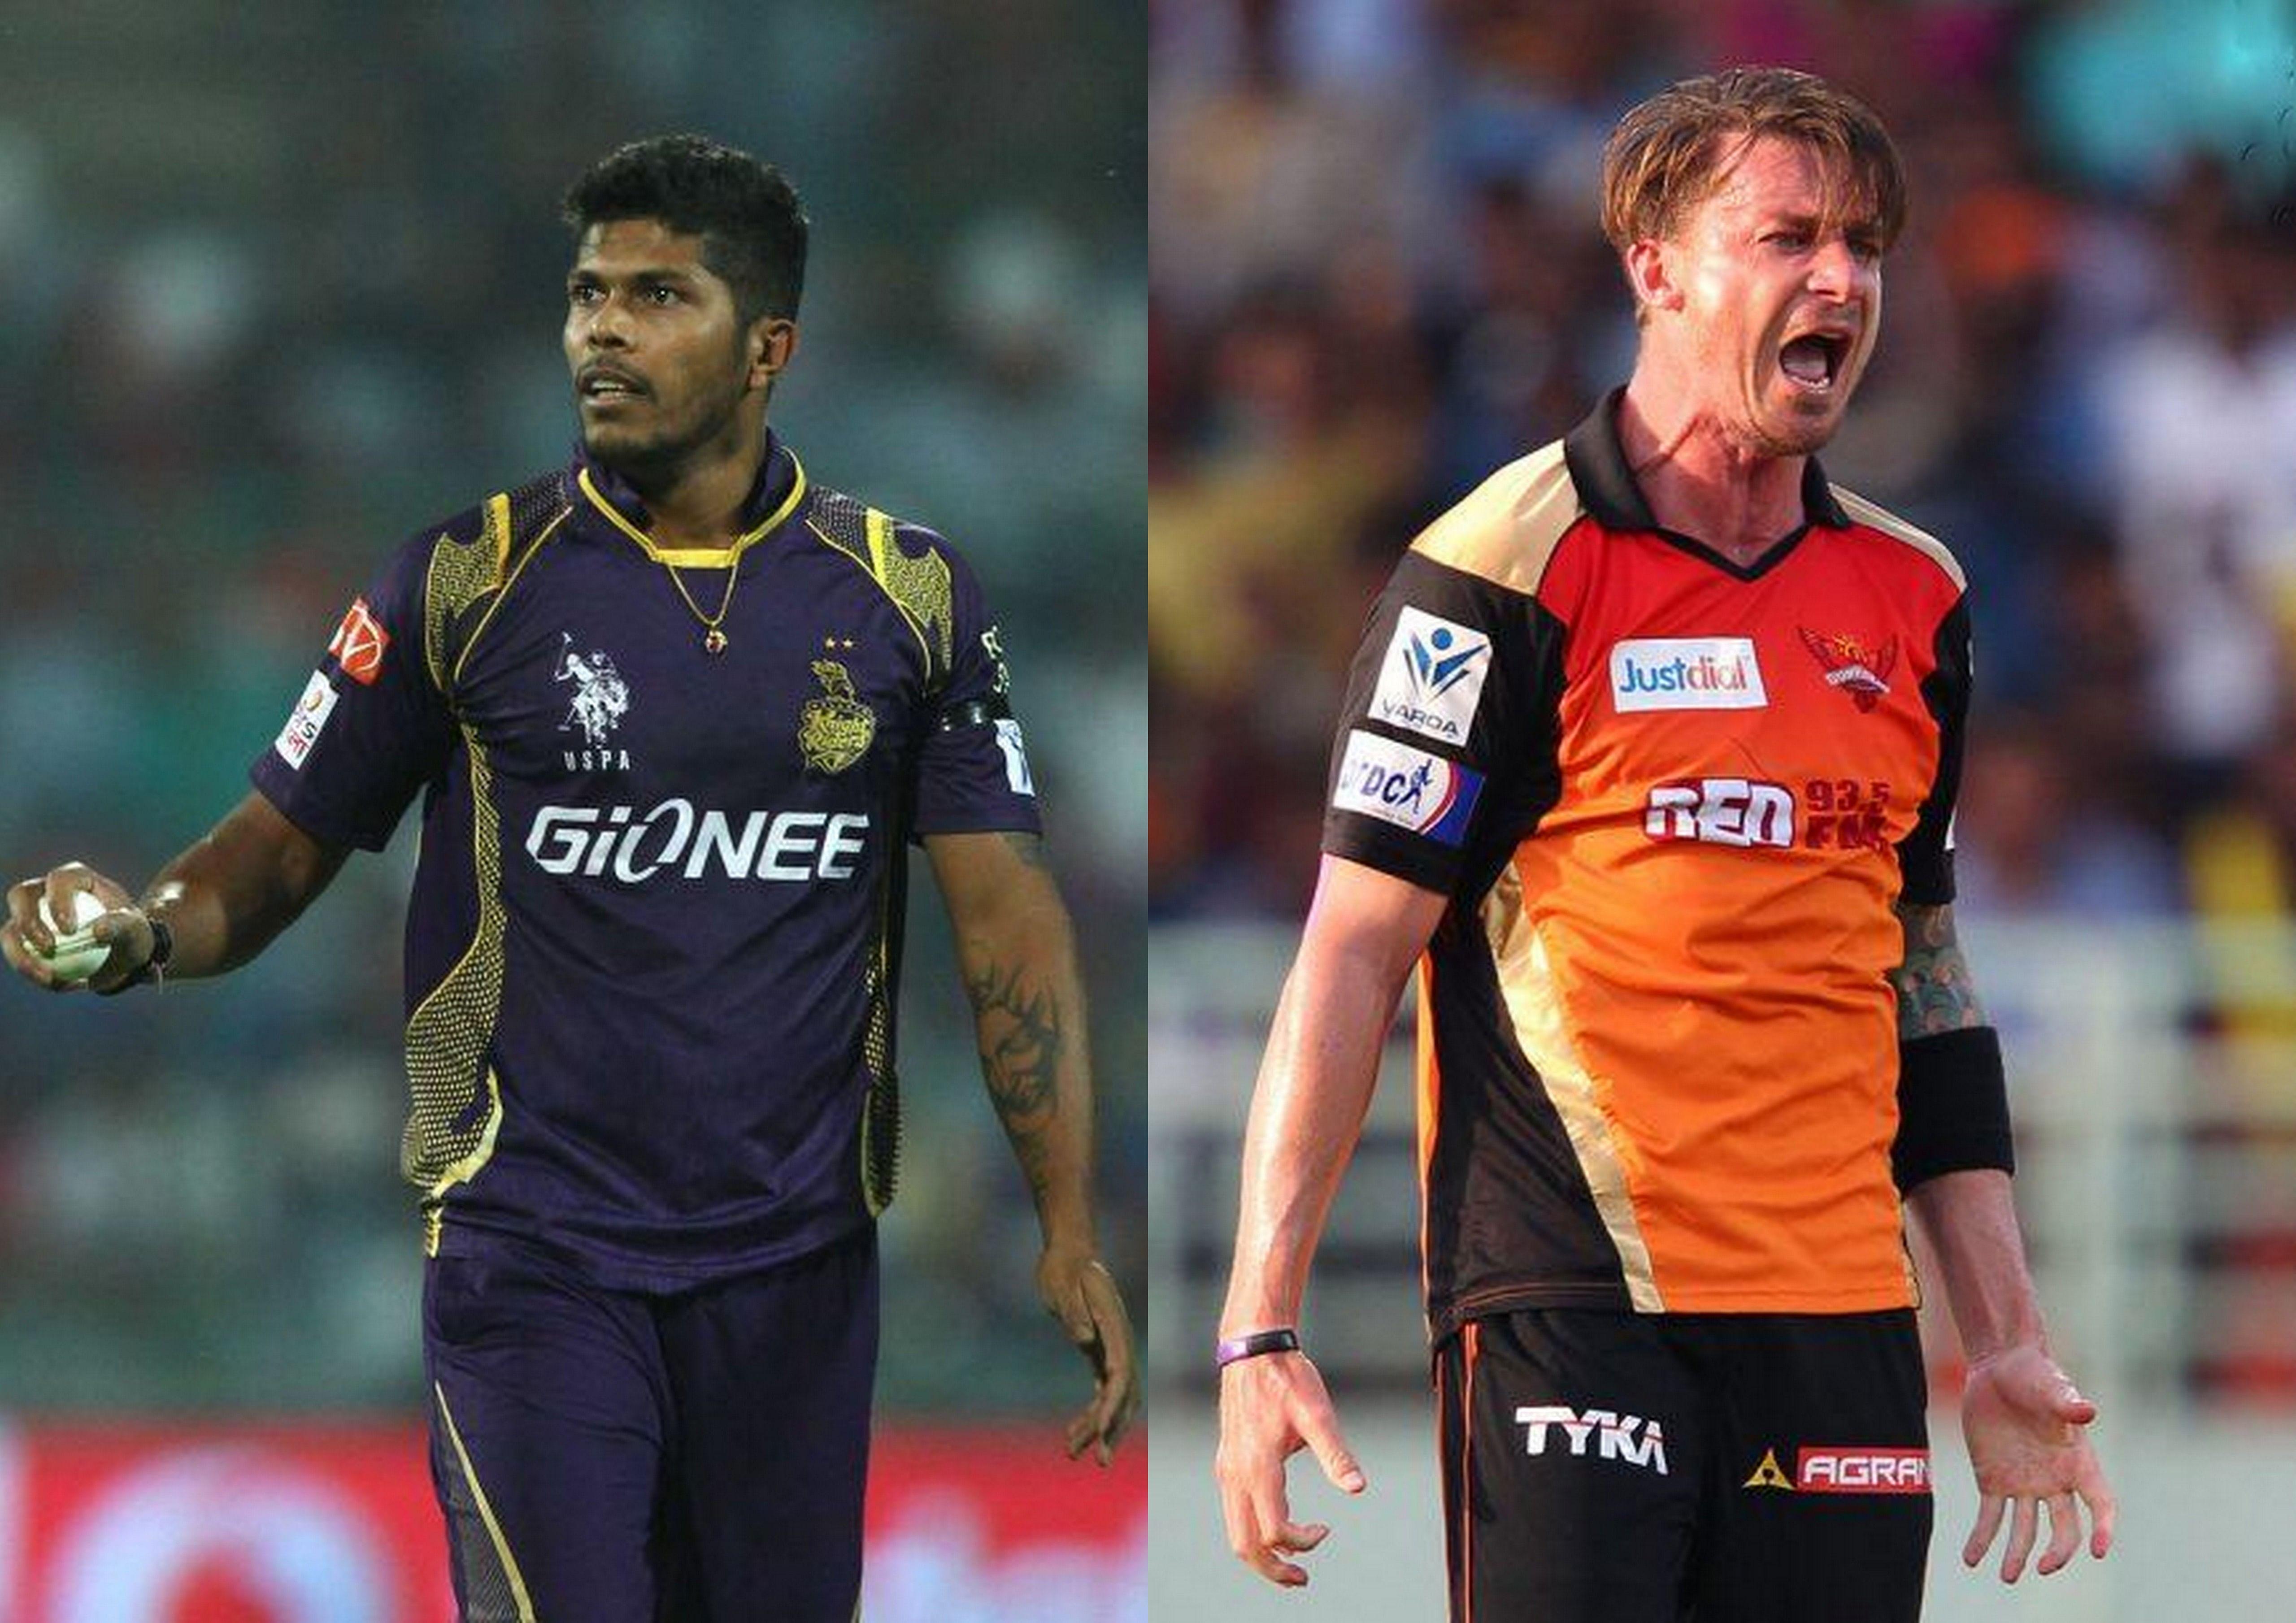 IPL 2015: KKR look to continue winning streak against Sunrisers Hyderabad